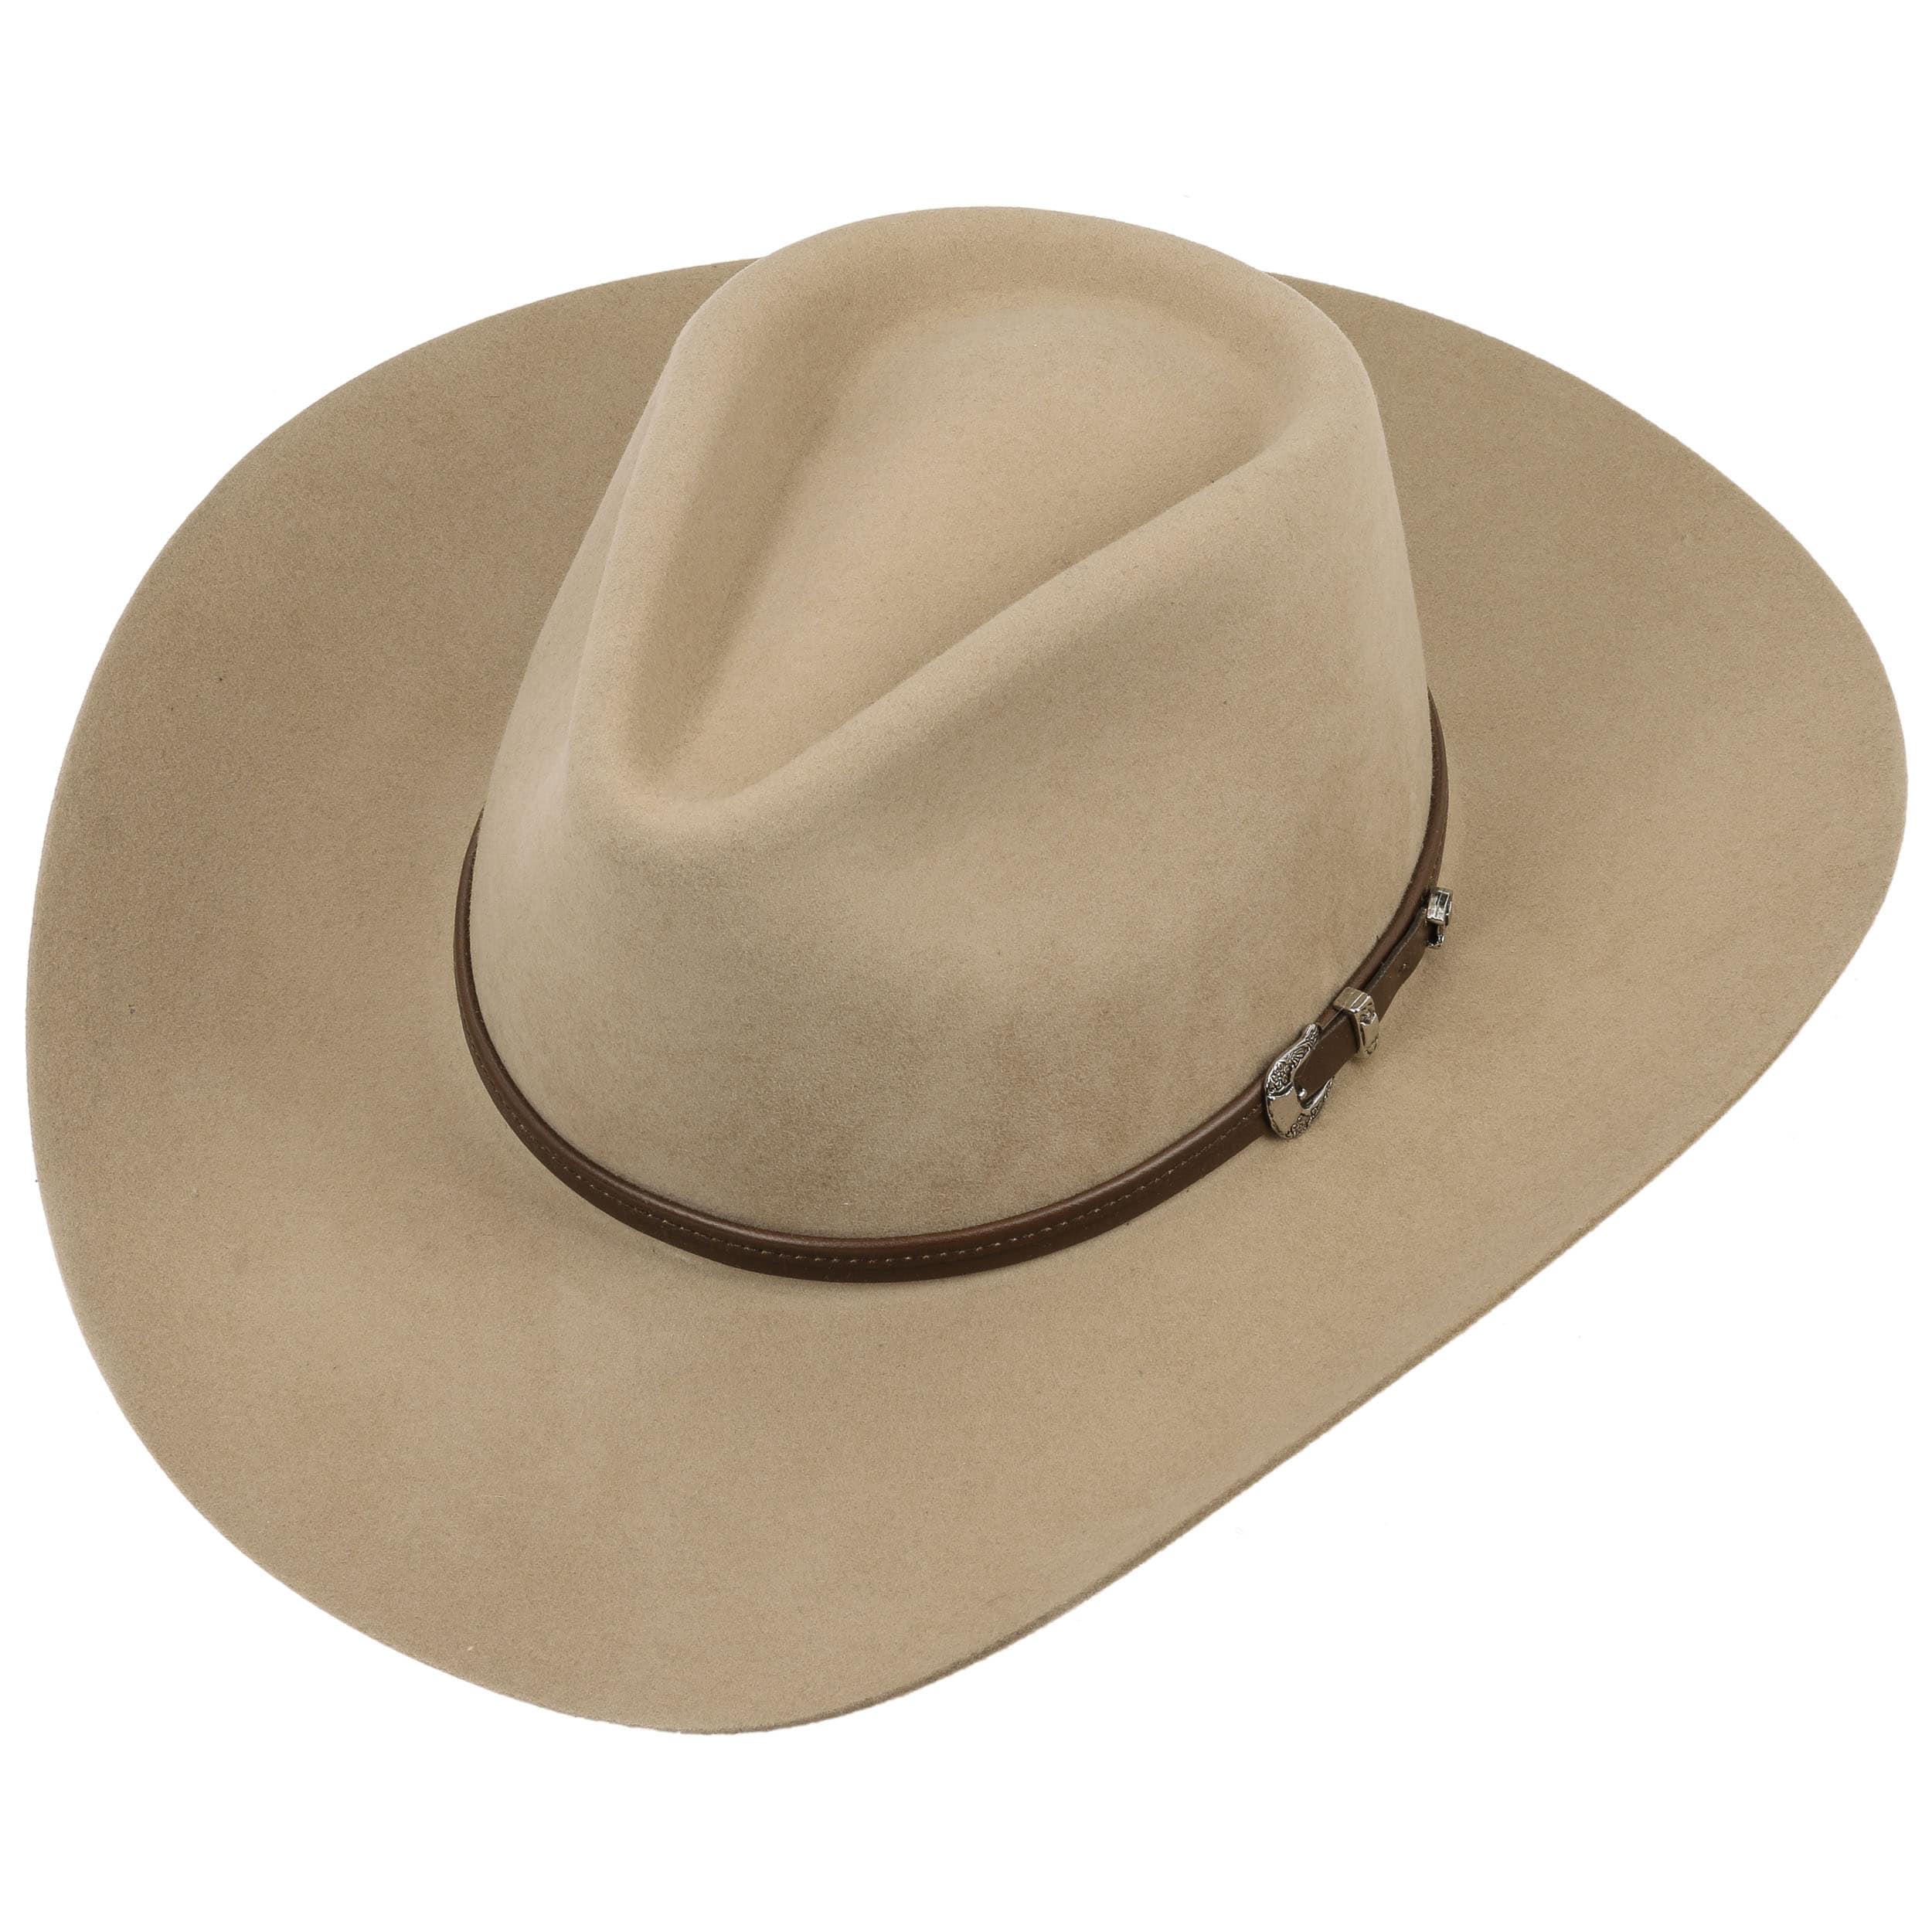 Sombrero de Vaquero Seneca 4X by Stetson - Sombreros - sombreroshop.es f9f6c7ec500